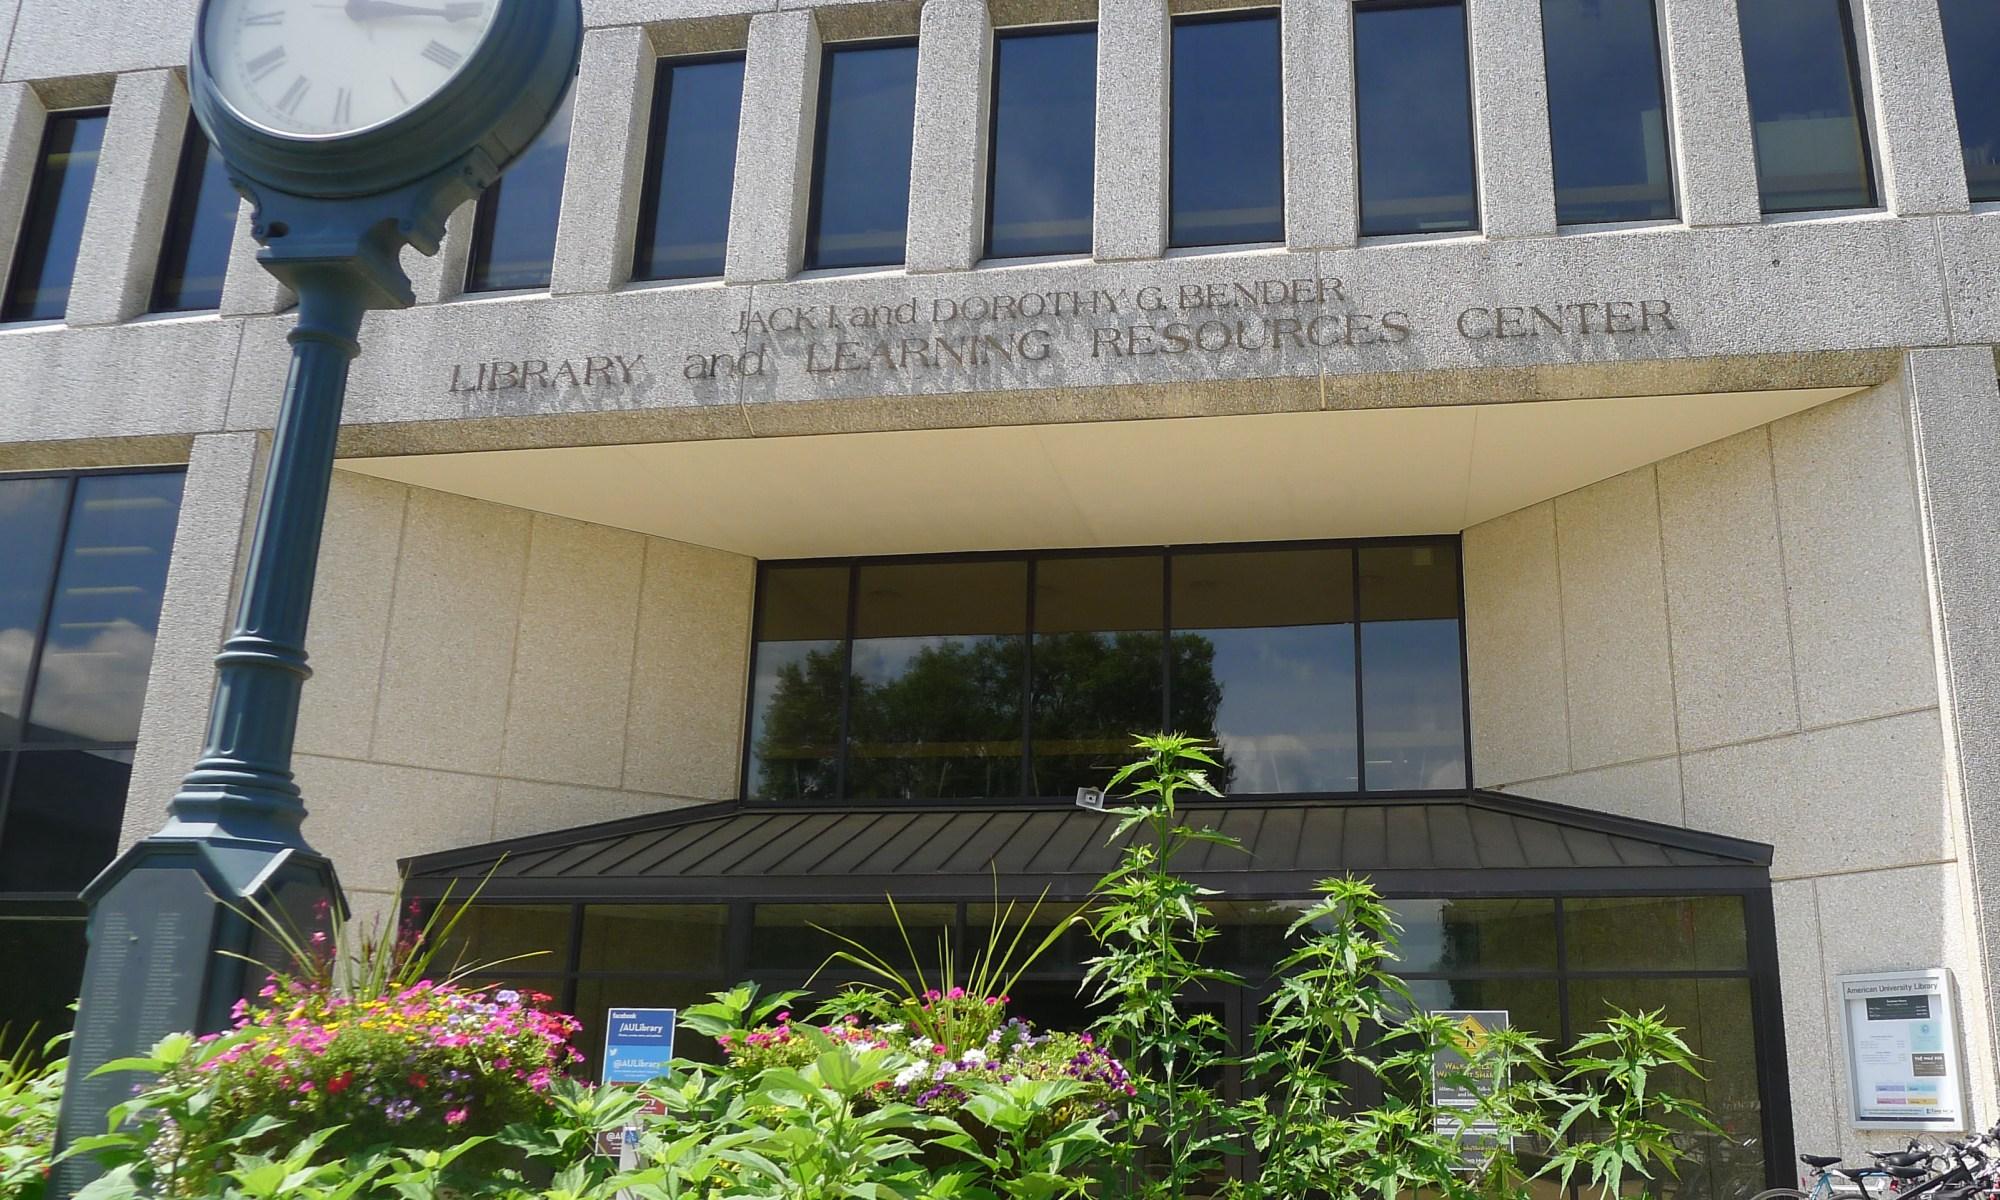 Jack & Dorothy Bender Library logo